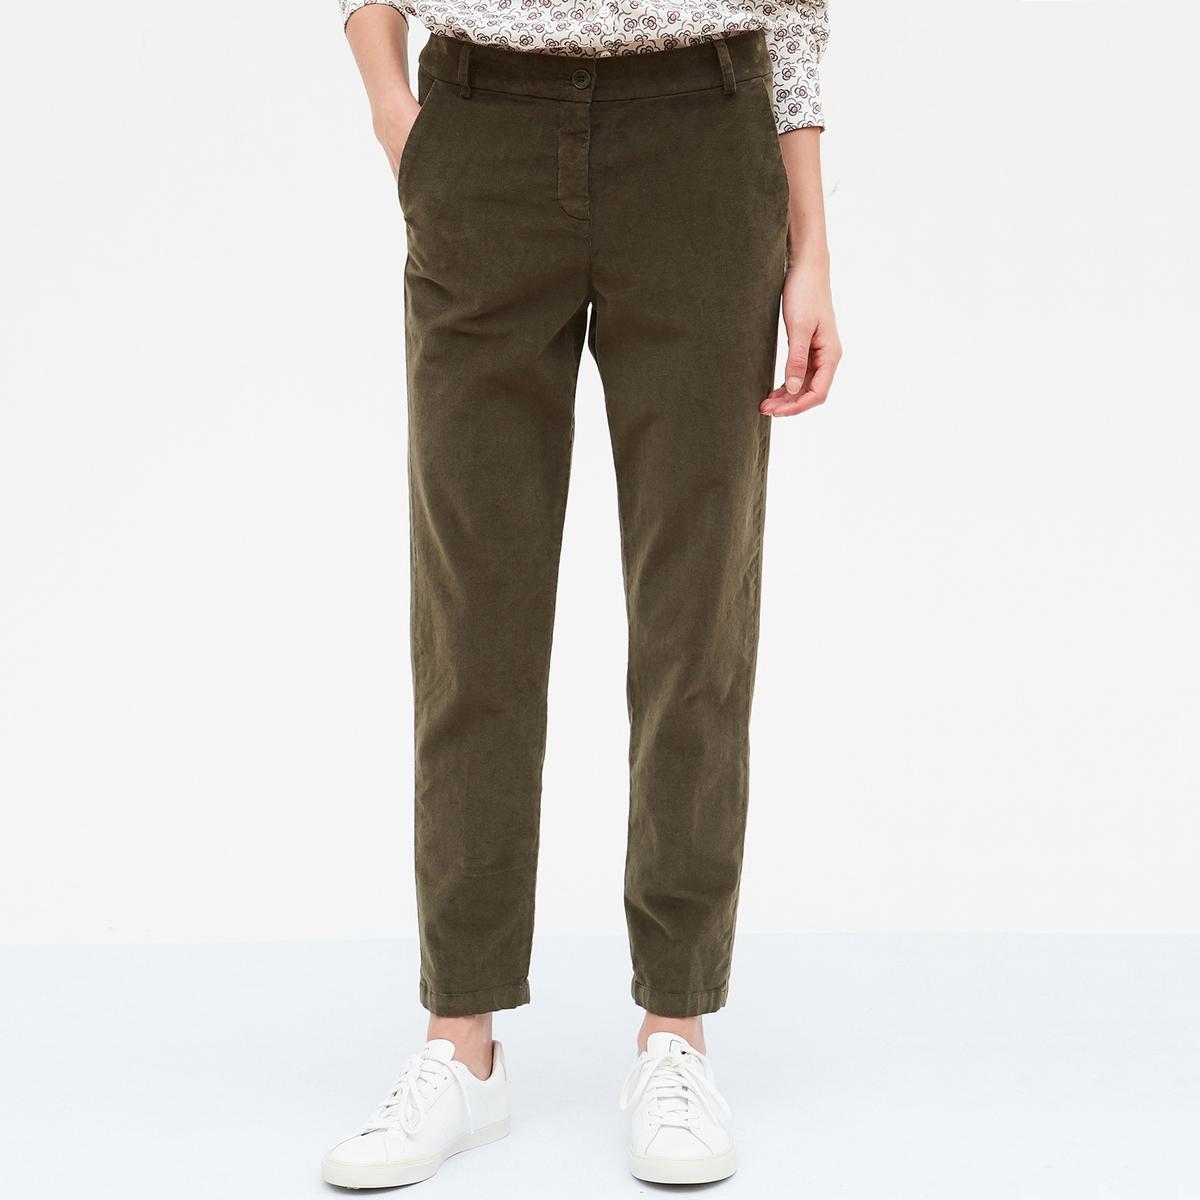 Брюки прямые прямые брюки с застежкой на молнию cristina effe прямые брюки с застежкой на молнию